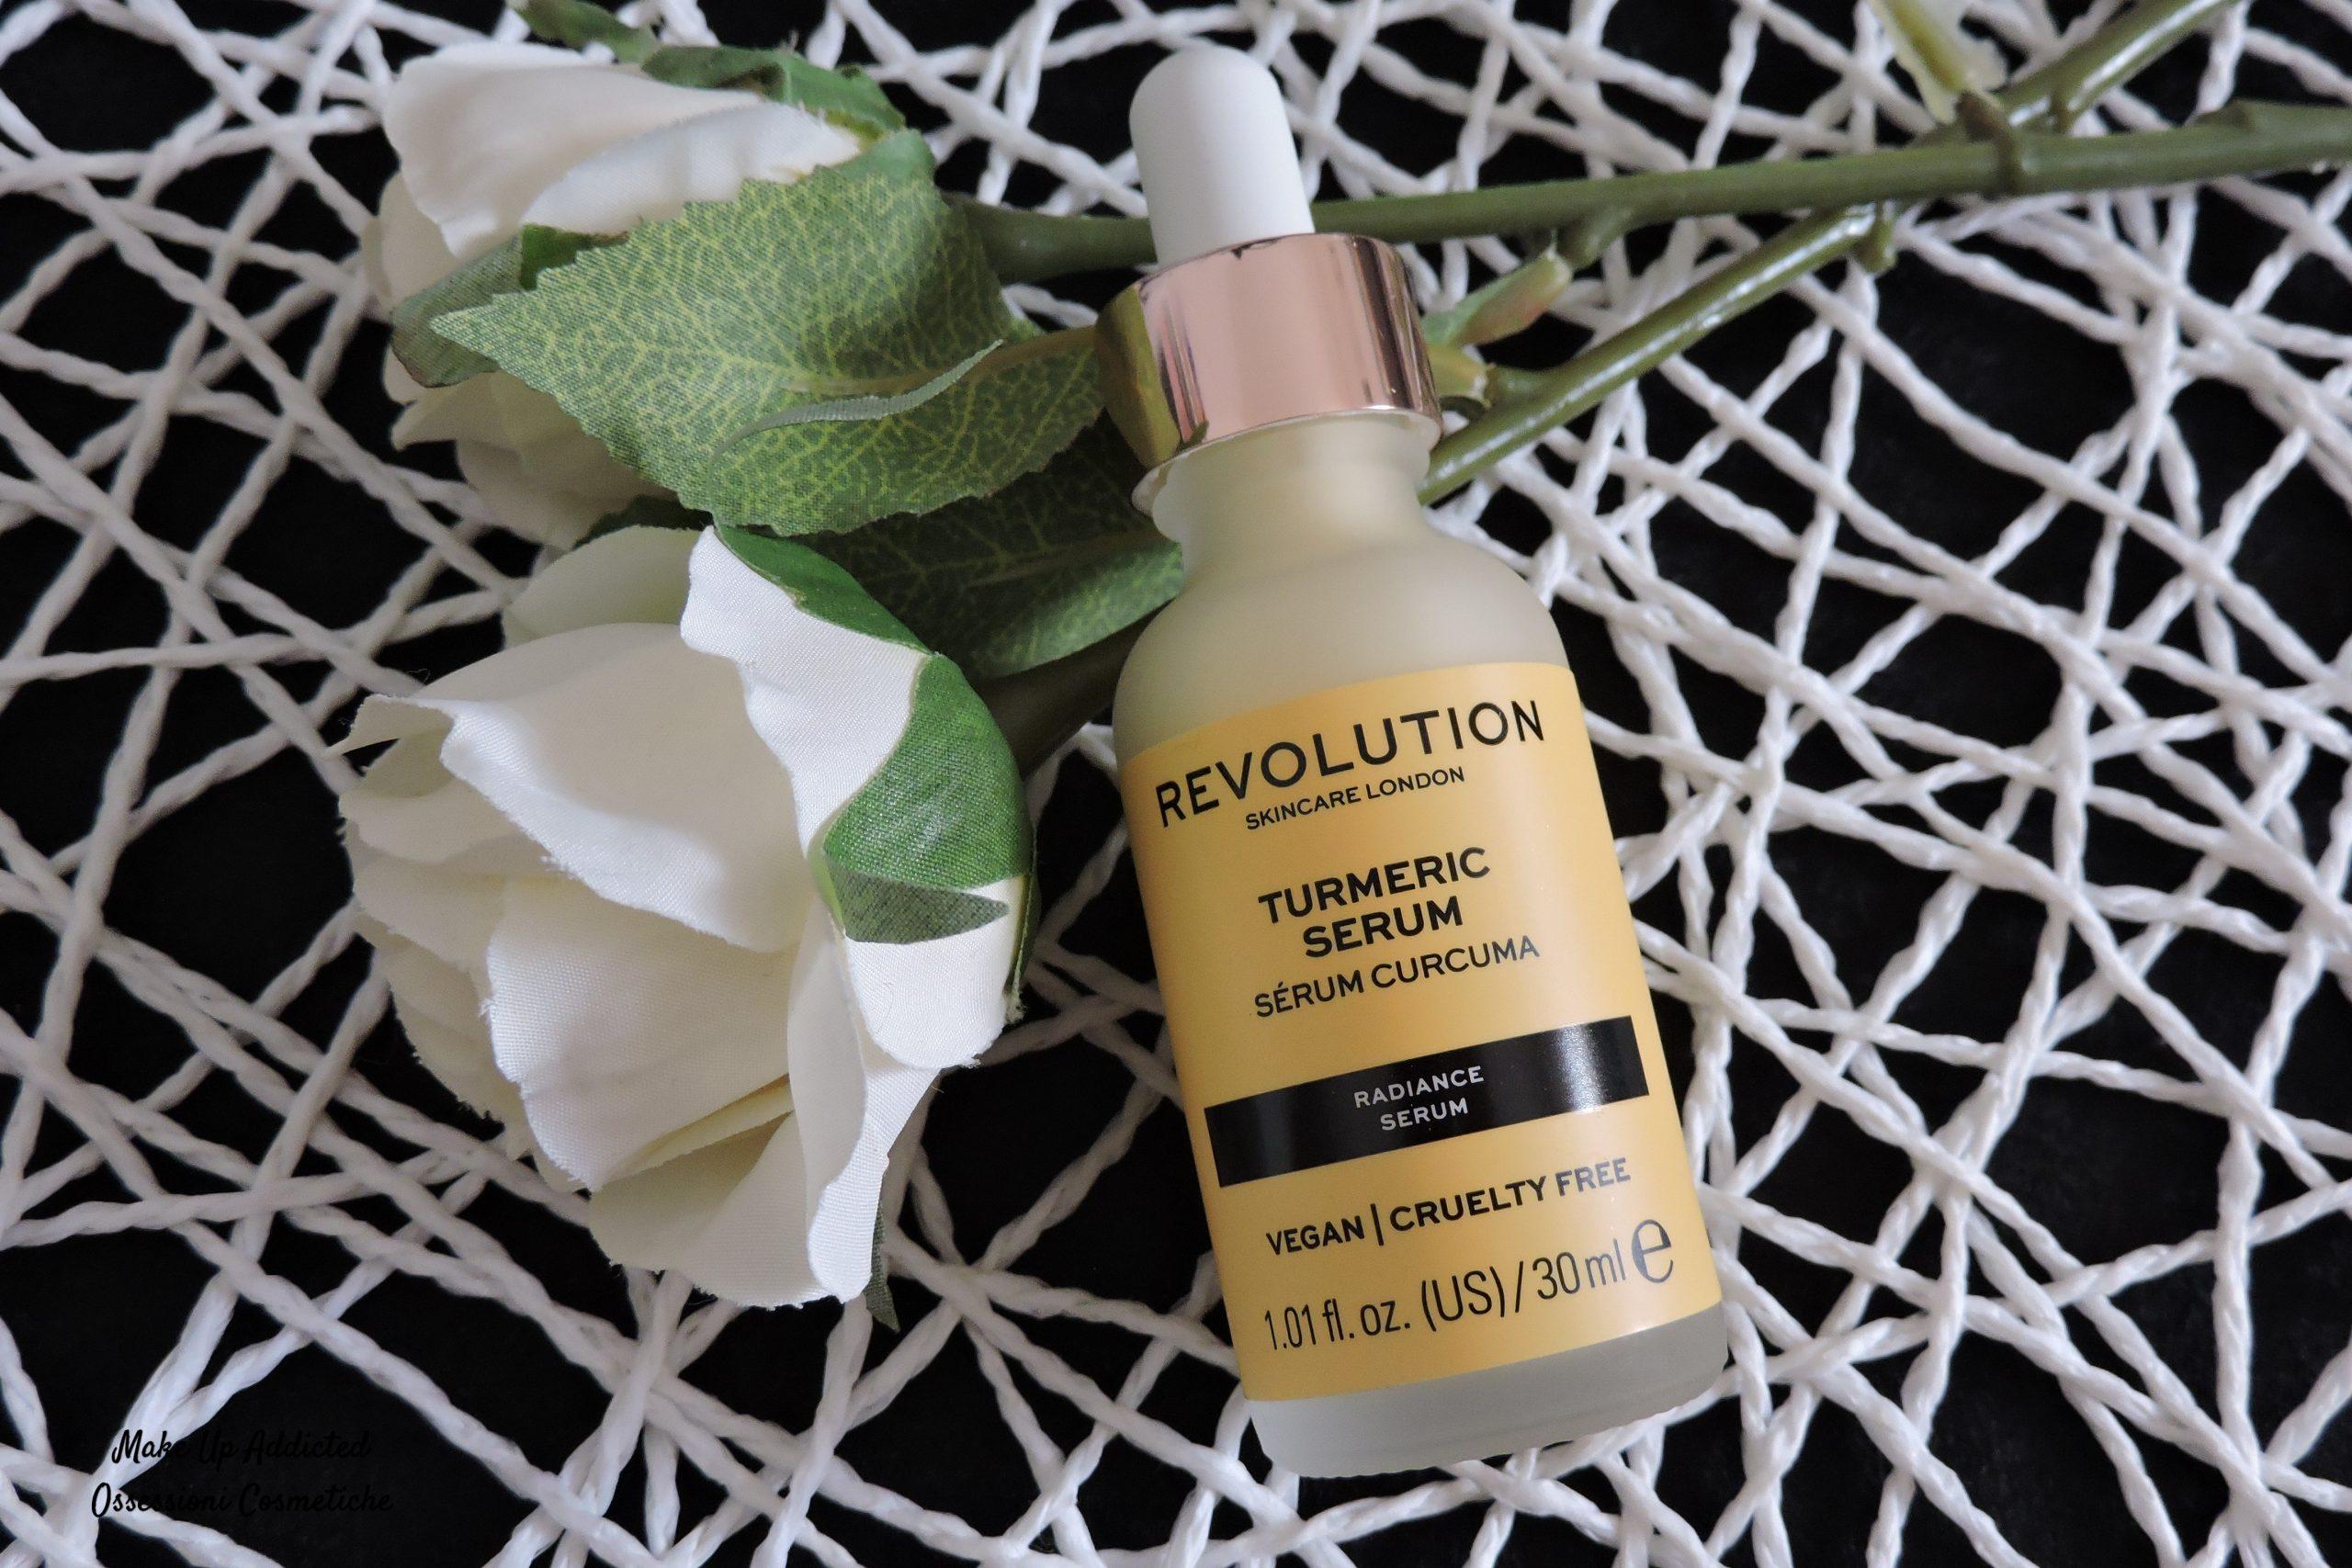 revolution serum